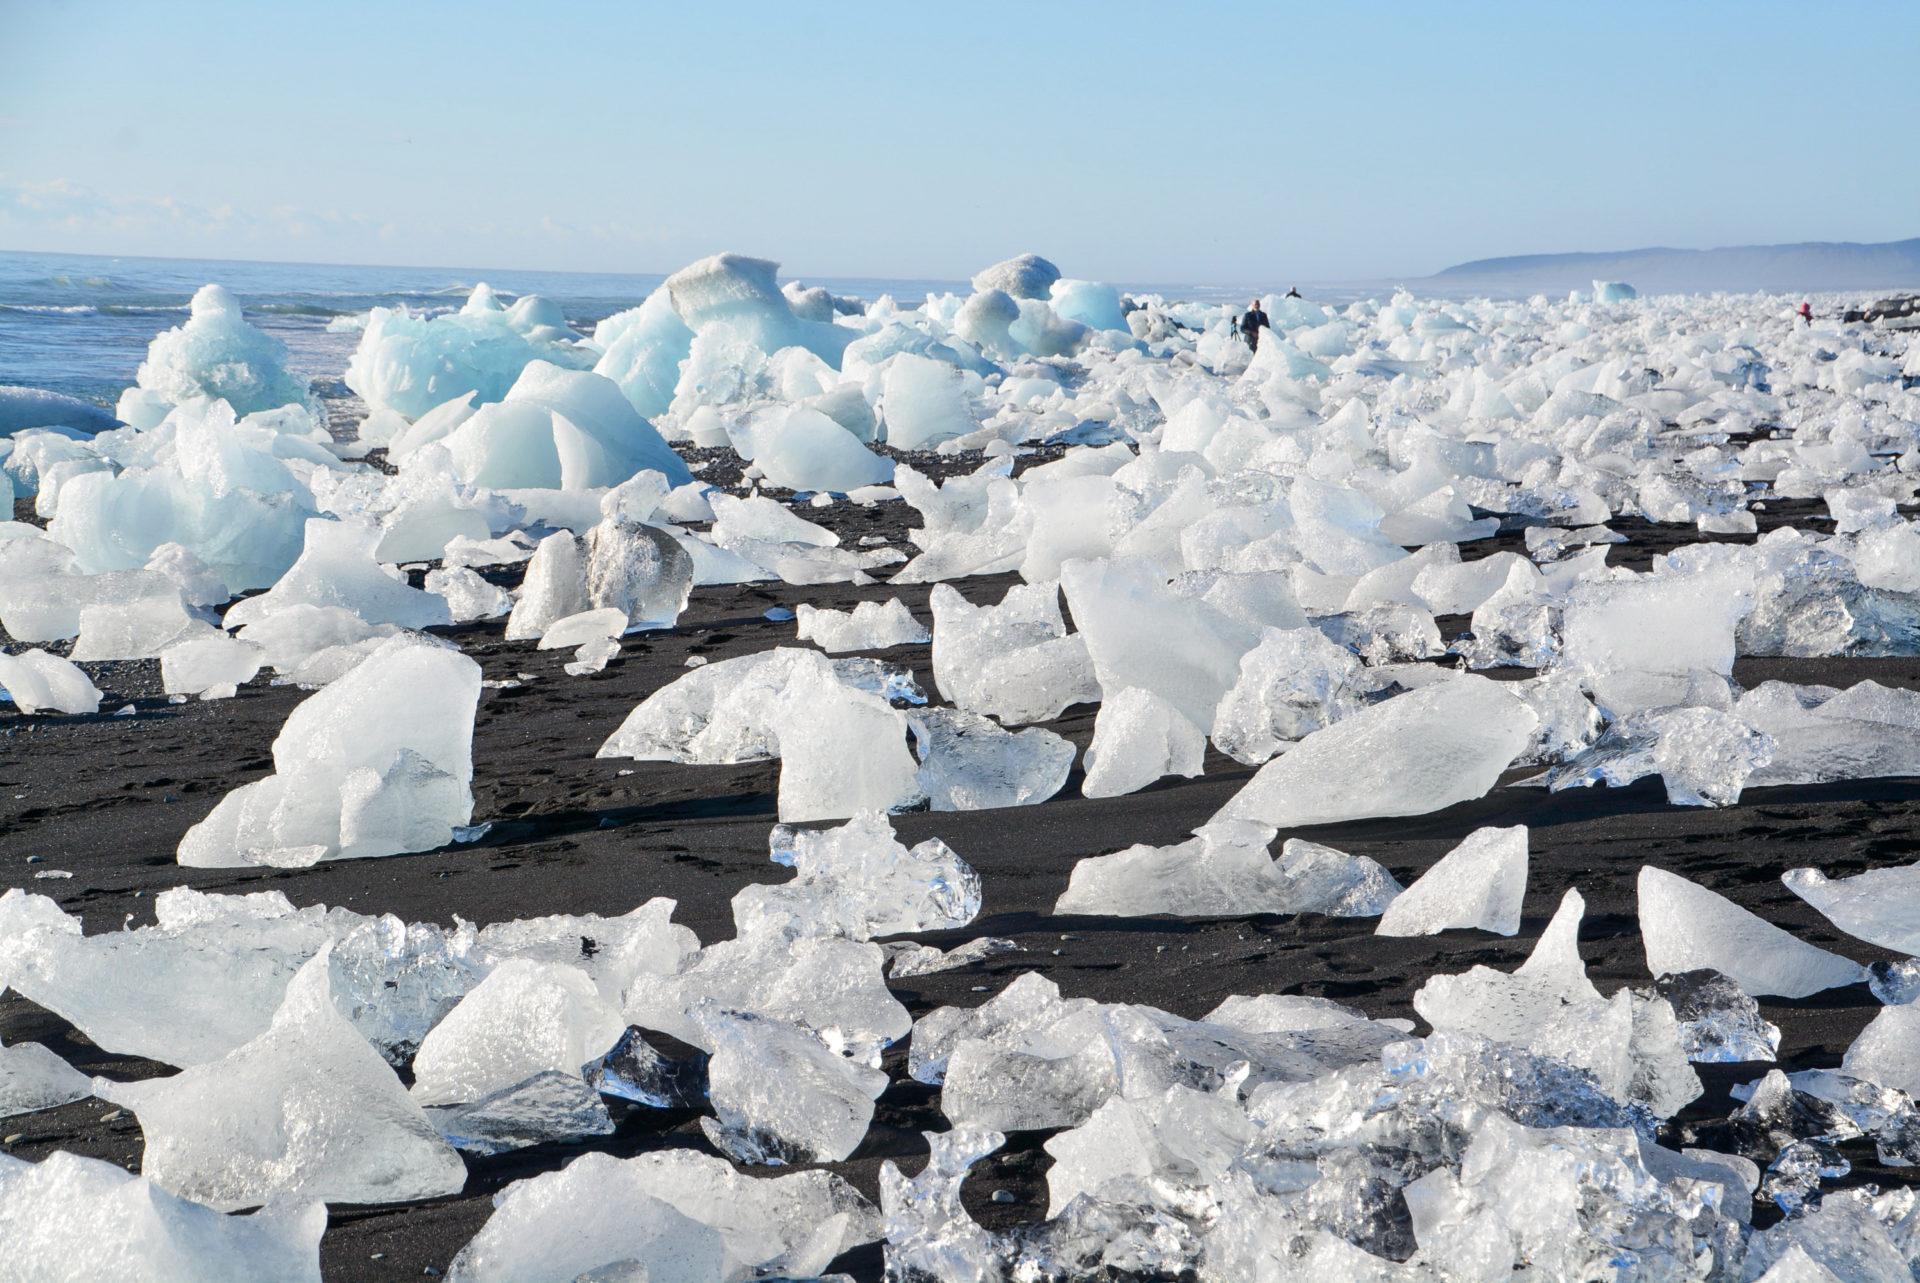 Eisberge auf dem Lavastrand von Jökulsárlón im Süden von Island